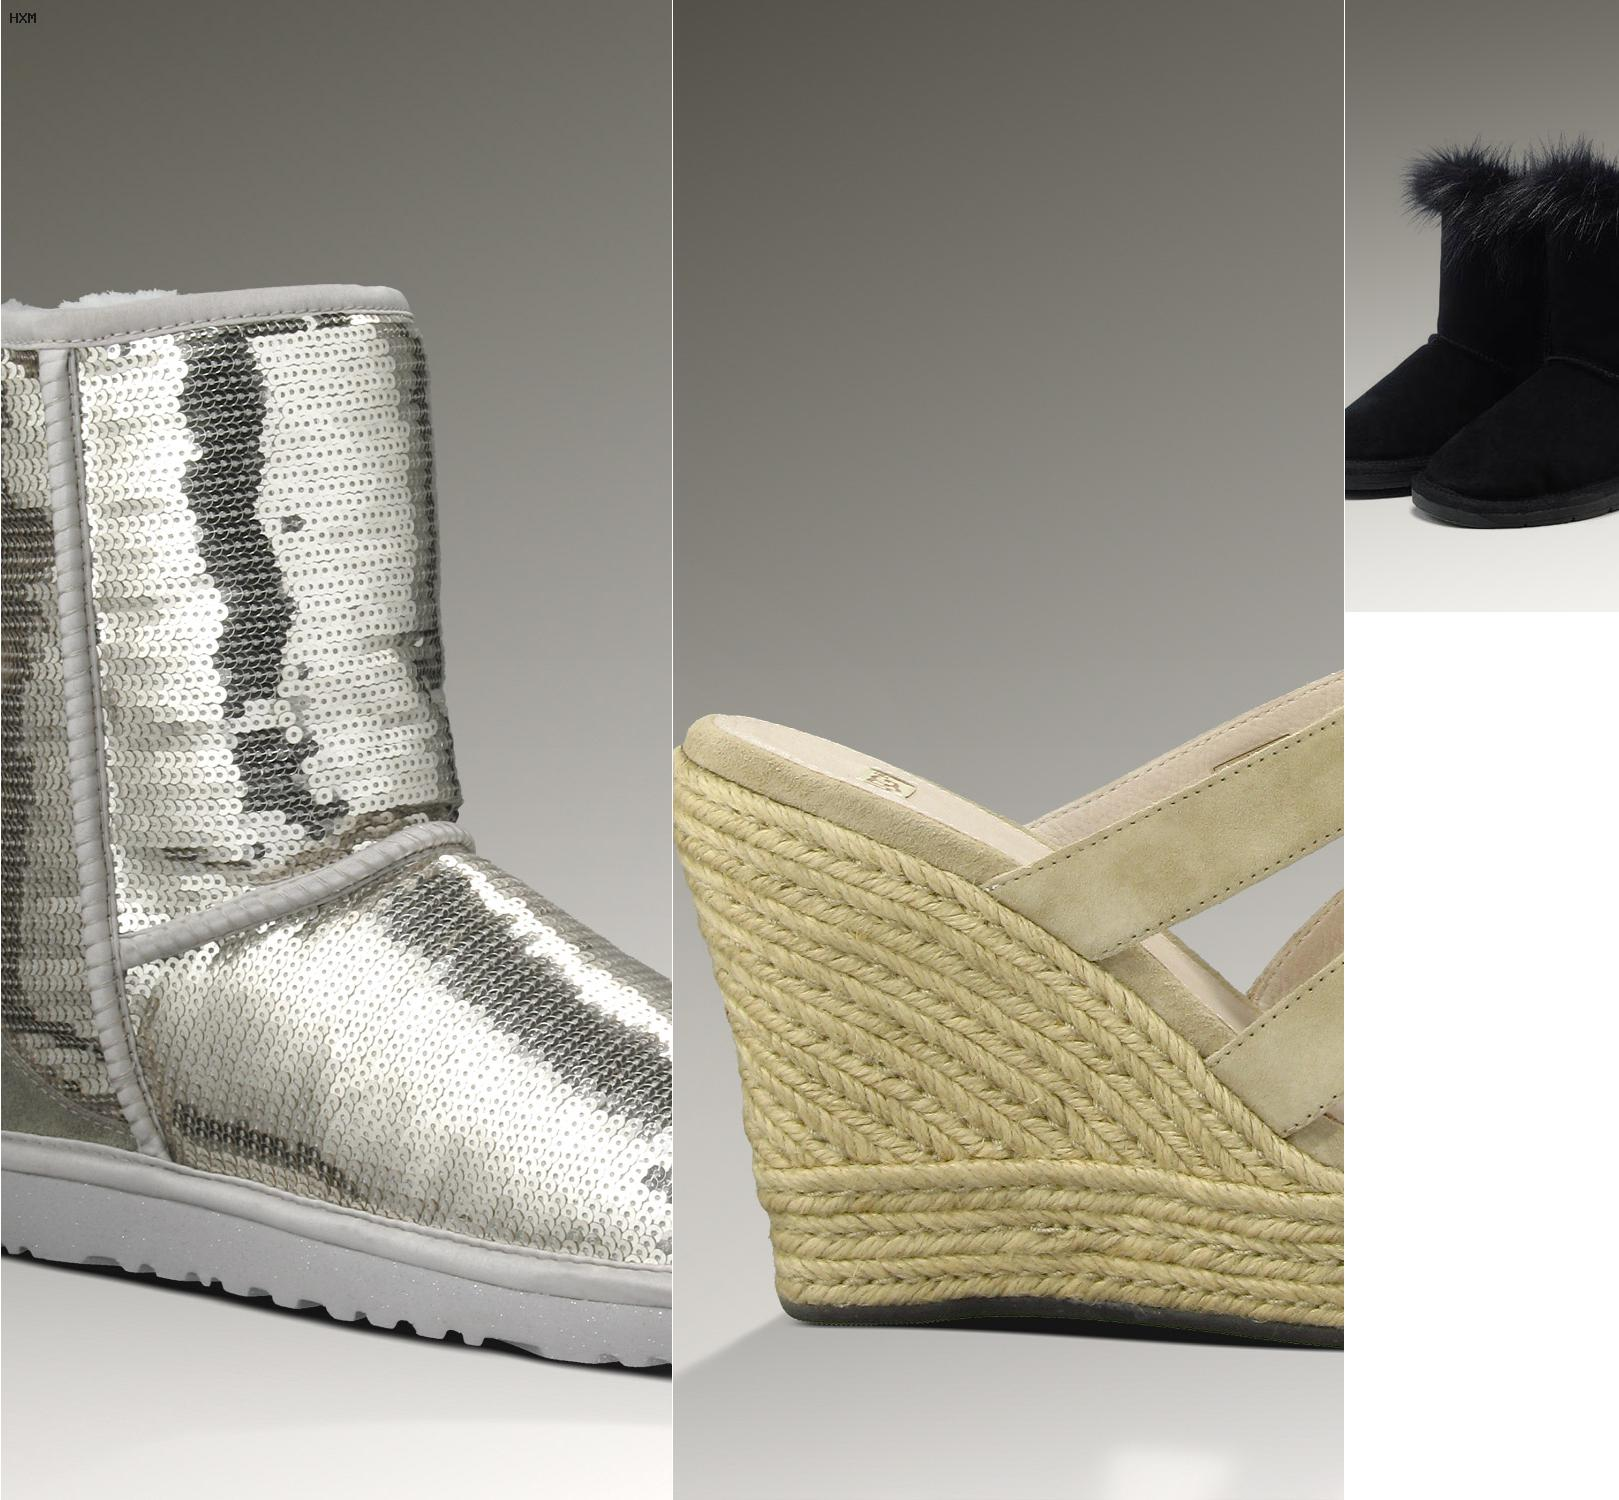 pantofole tipo ugg